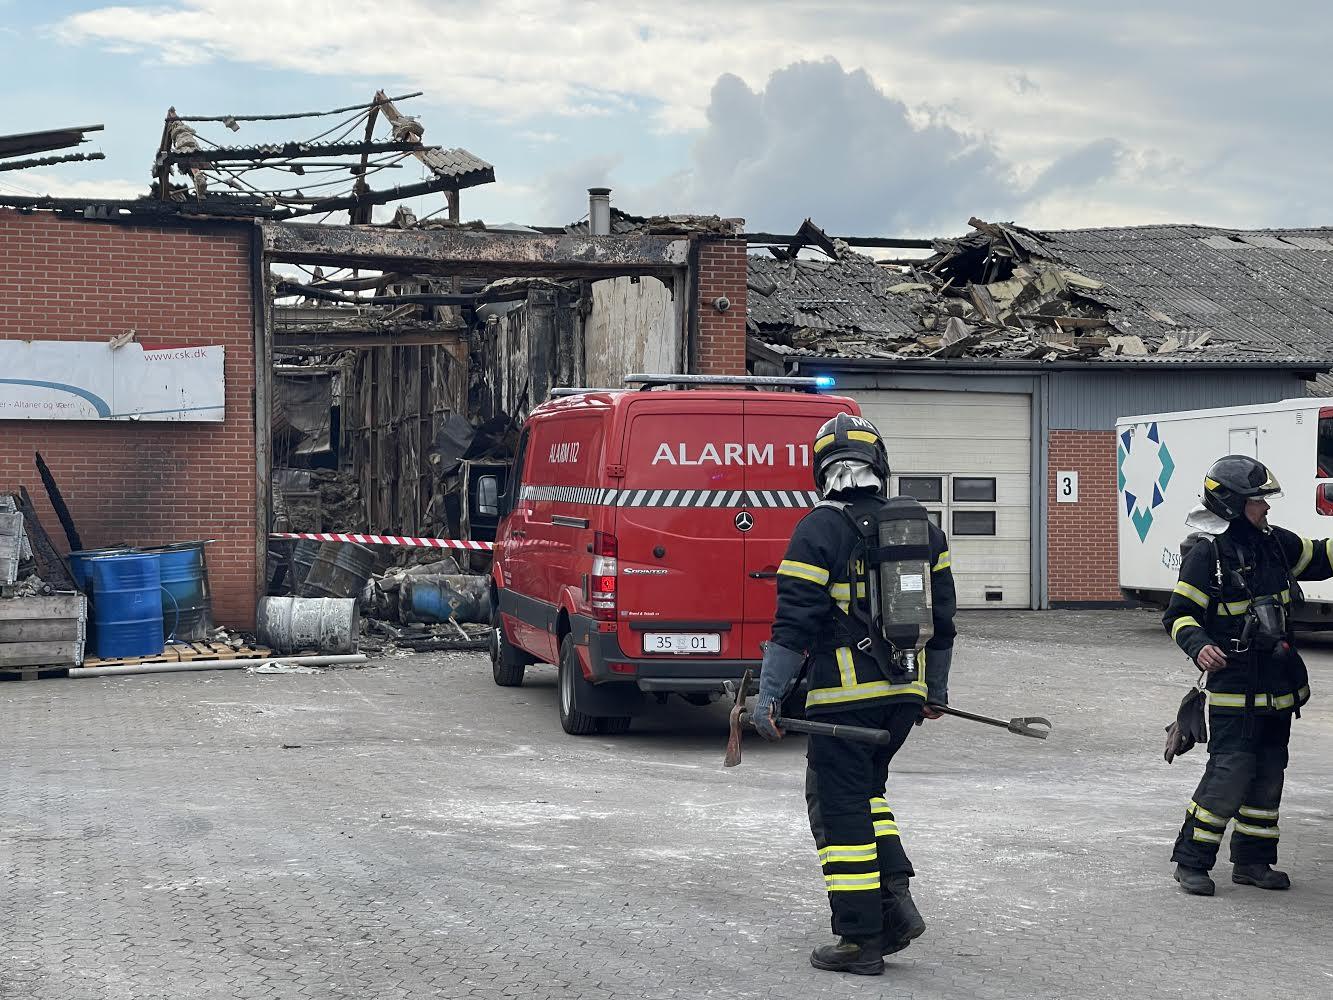 Kaldt ud til røg i tidligere bygningsbrand